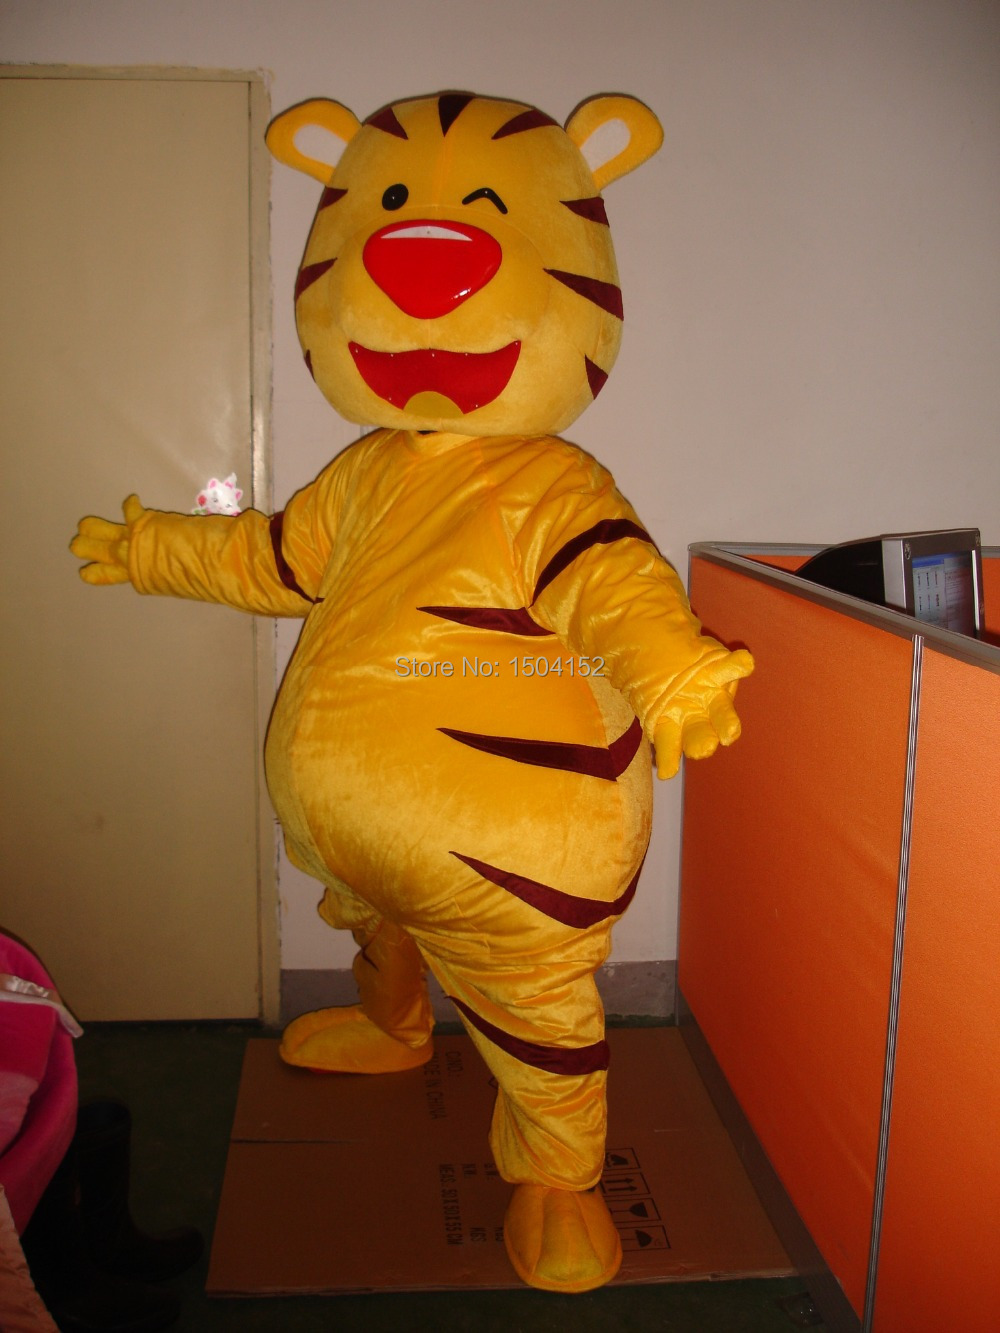 Лидер продаж 2016 года Хэллоуин большой жира Желтый Тигр мультфильм Маскоты Костюм Аниме Cosply Маскоты e тема маскарадный карнавальный костюм